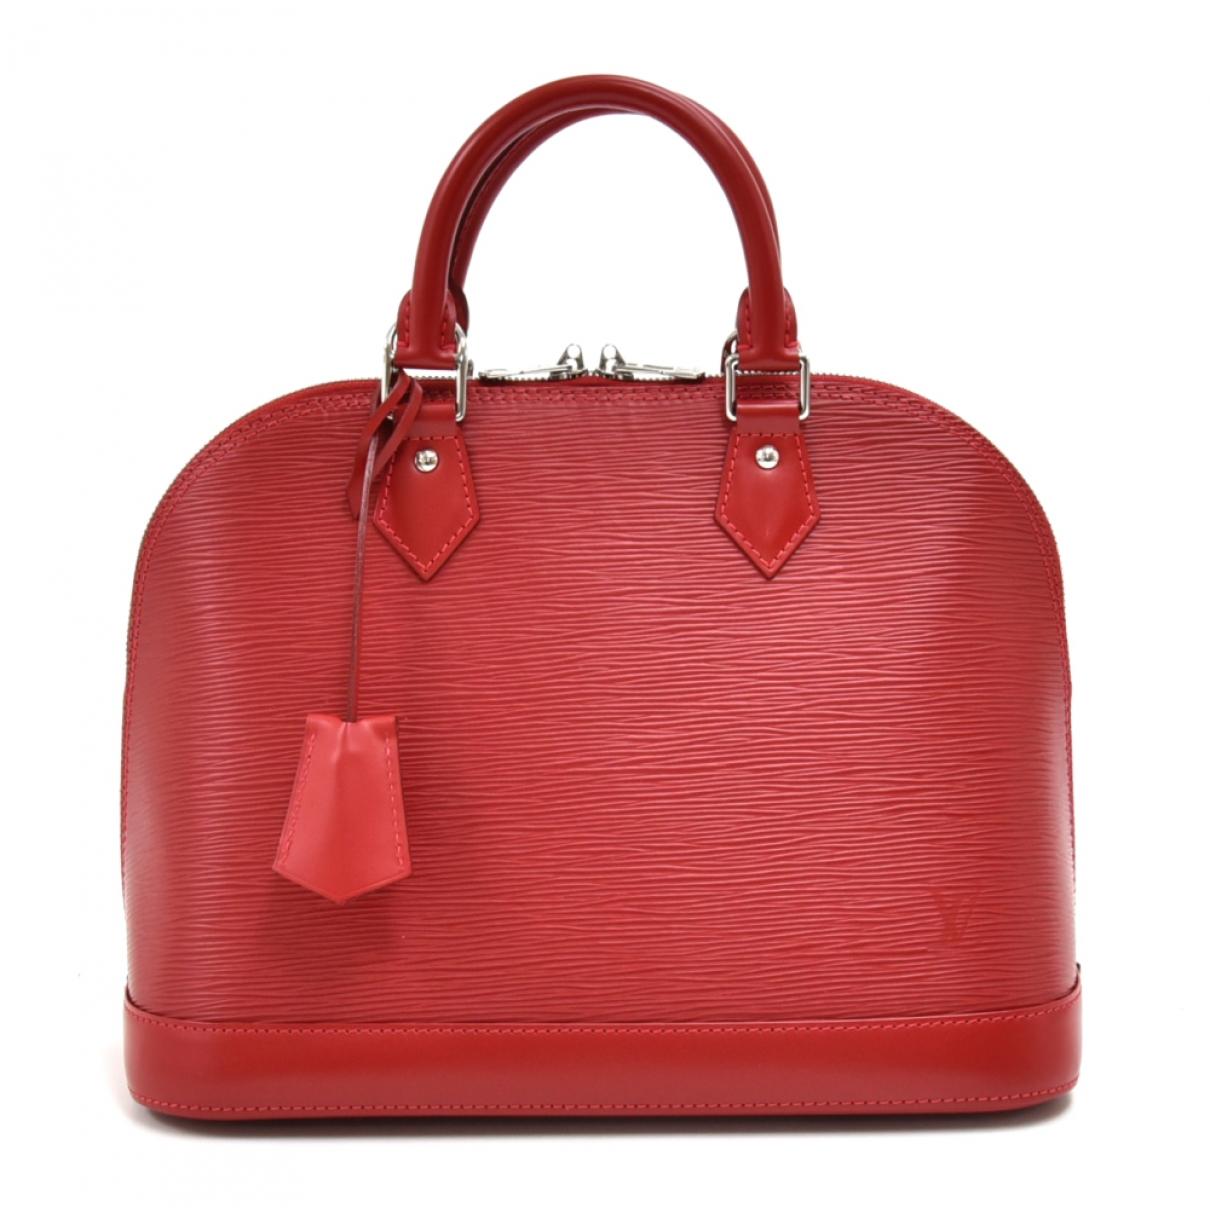 Louis Vuitton - Sac a main Alma pour femme en cuir - rouge